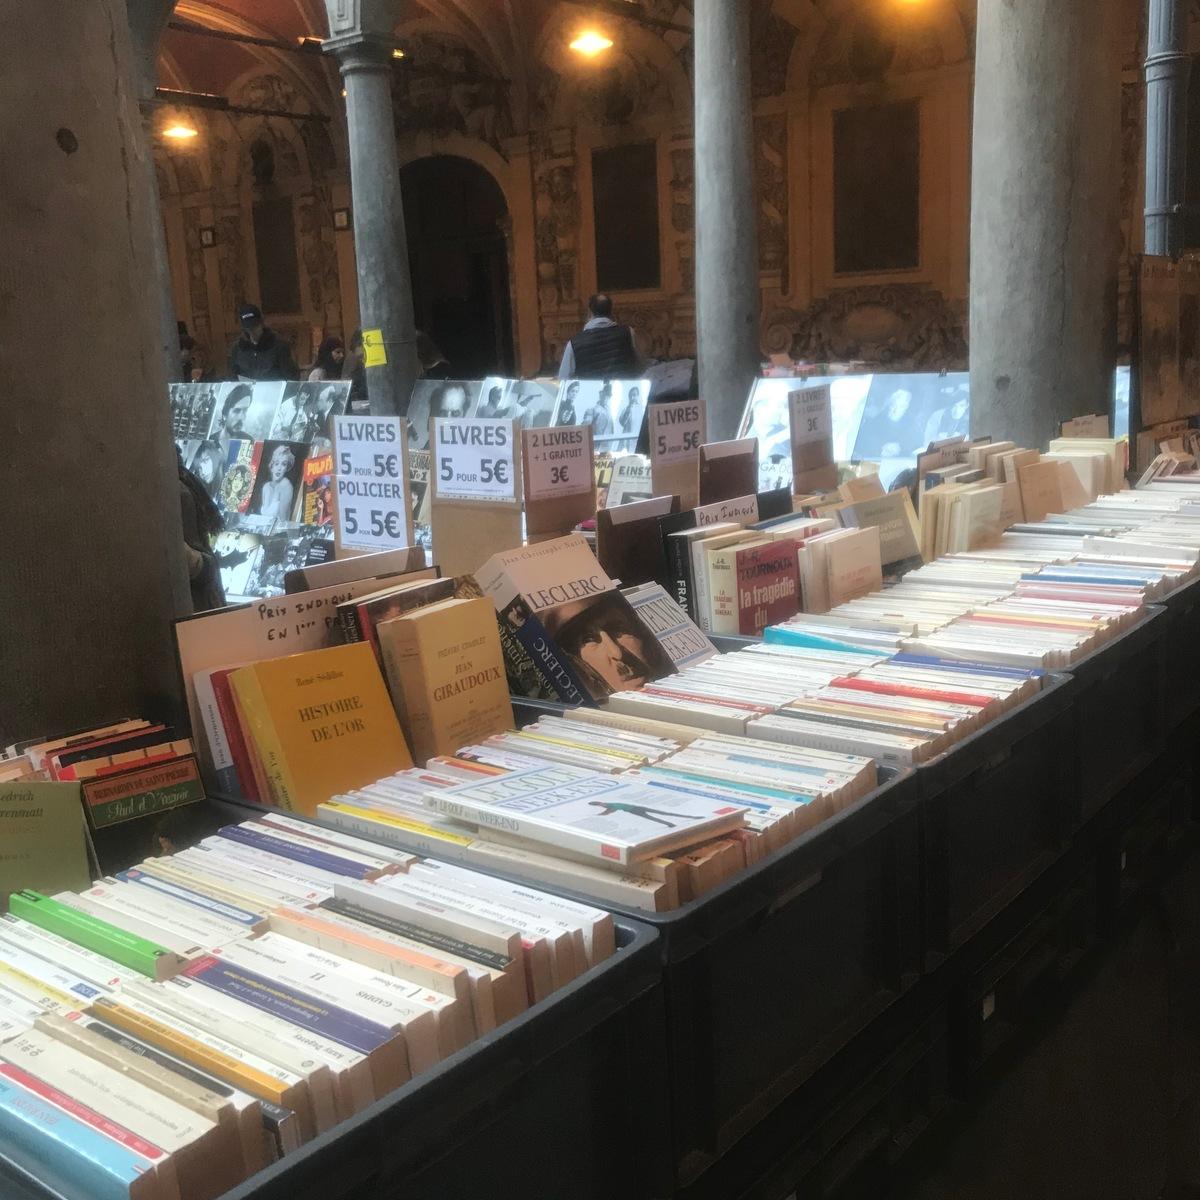 Le marché aux livres de la Vieille Bourse